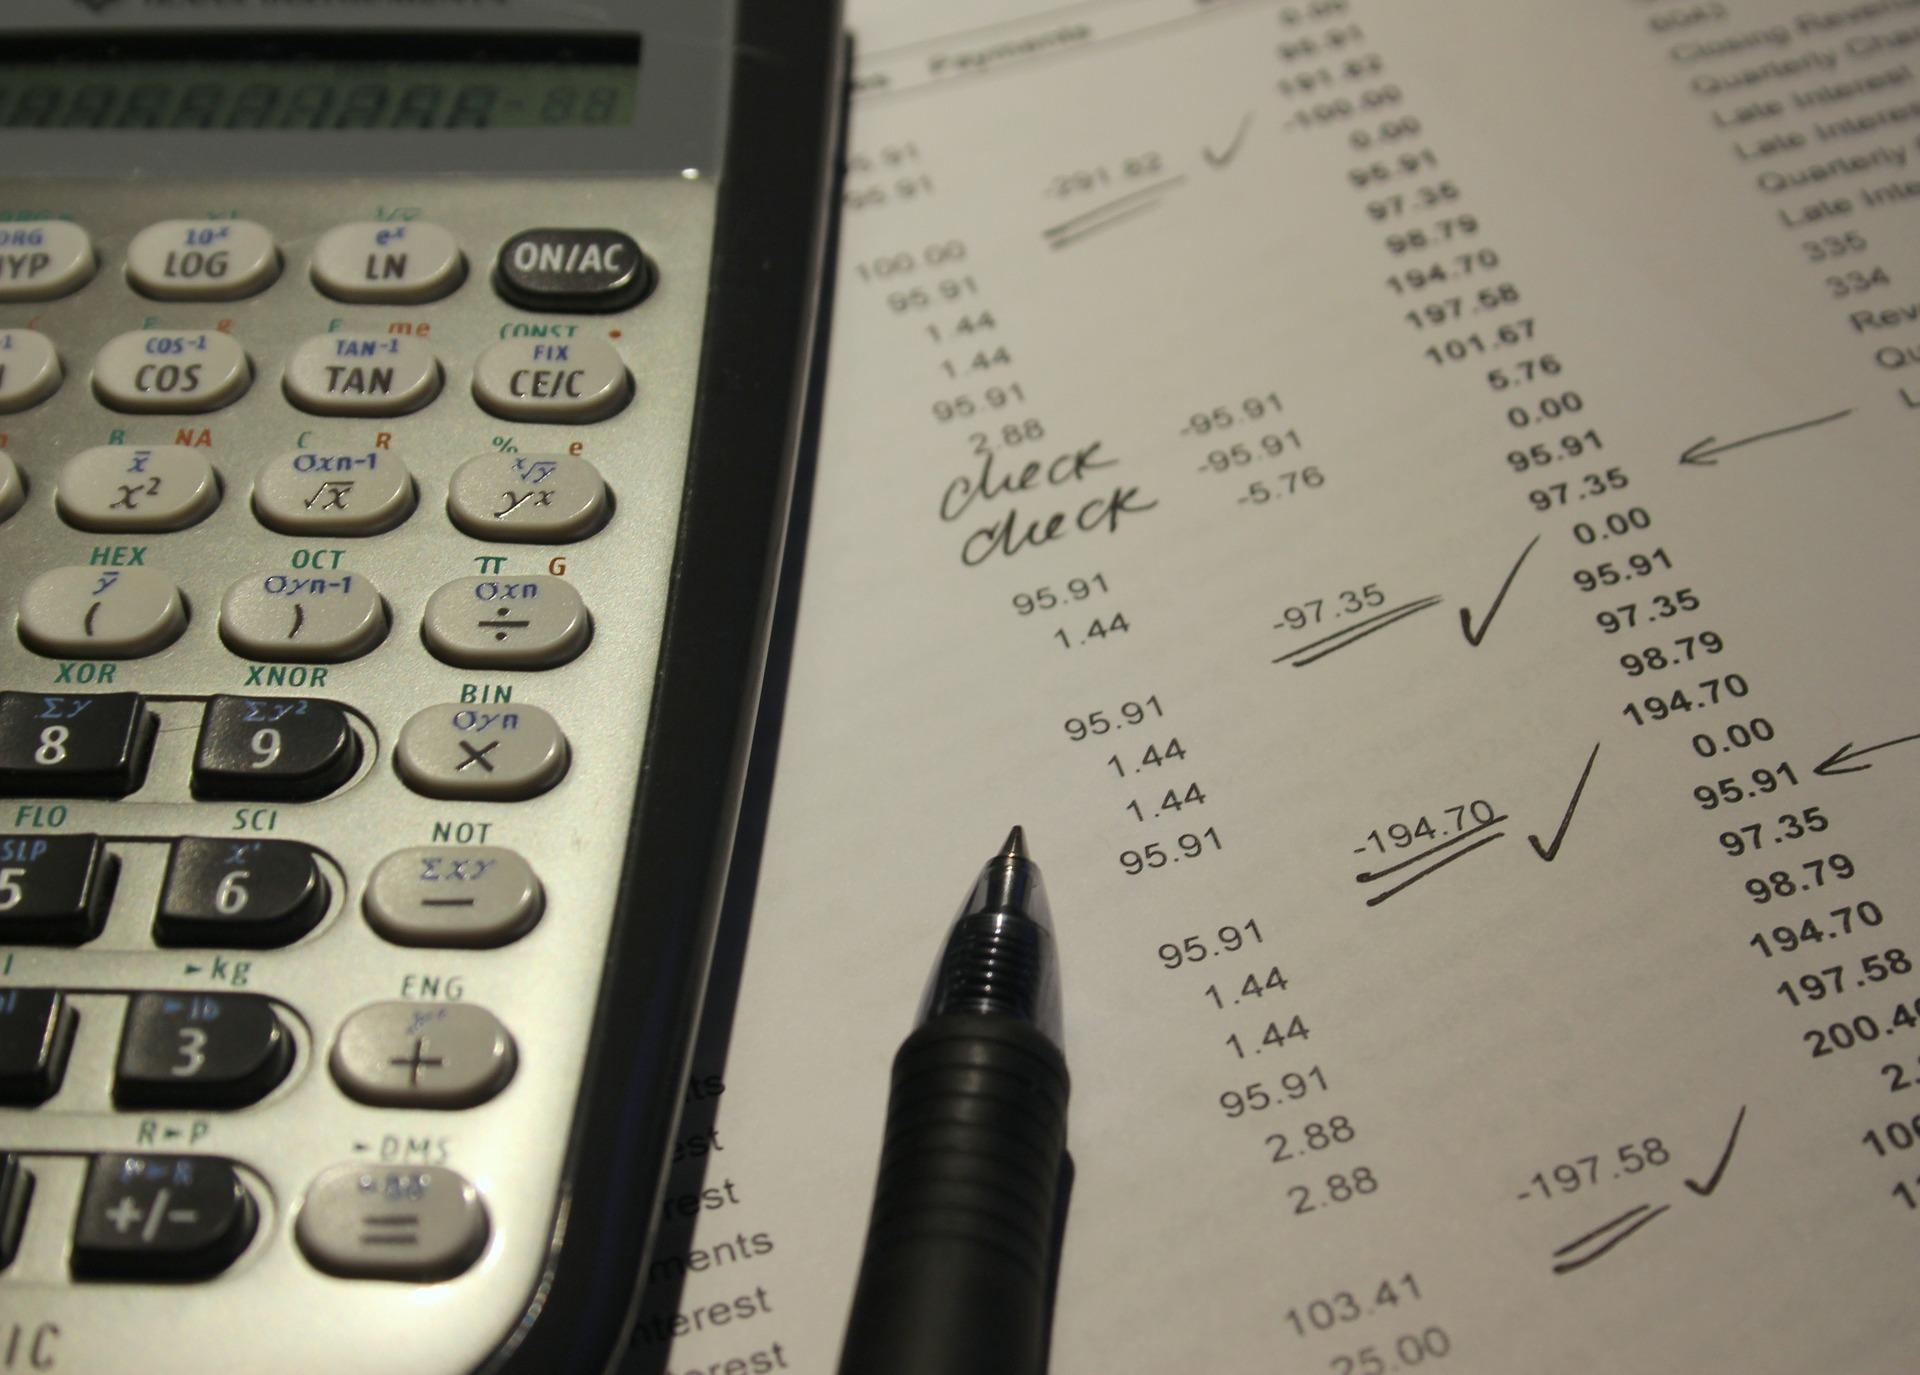 Finanzgerichtliche Urteile – und die Übertragung der Steuerberechnung auf das Finanzamt